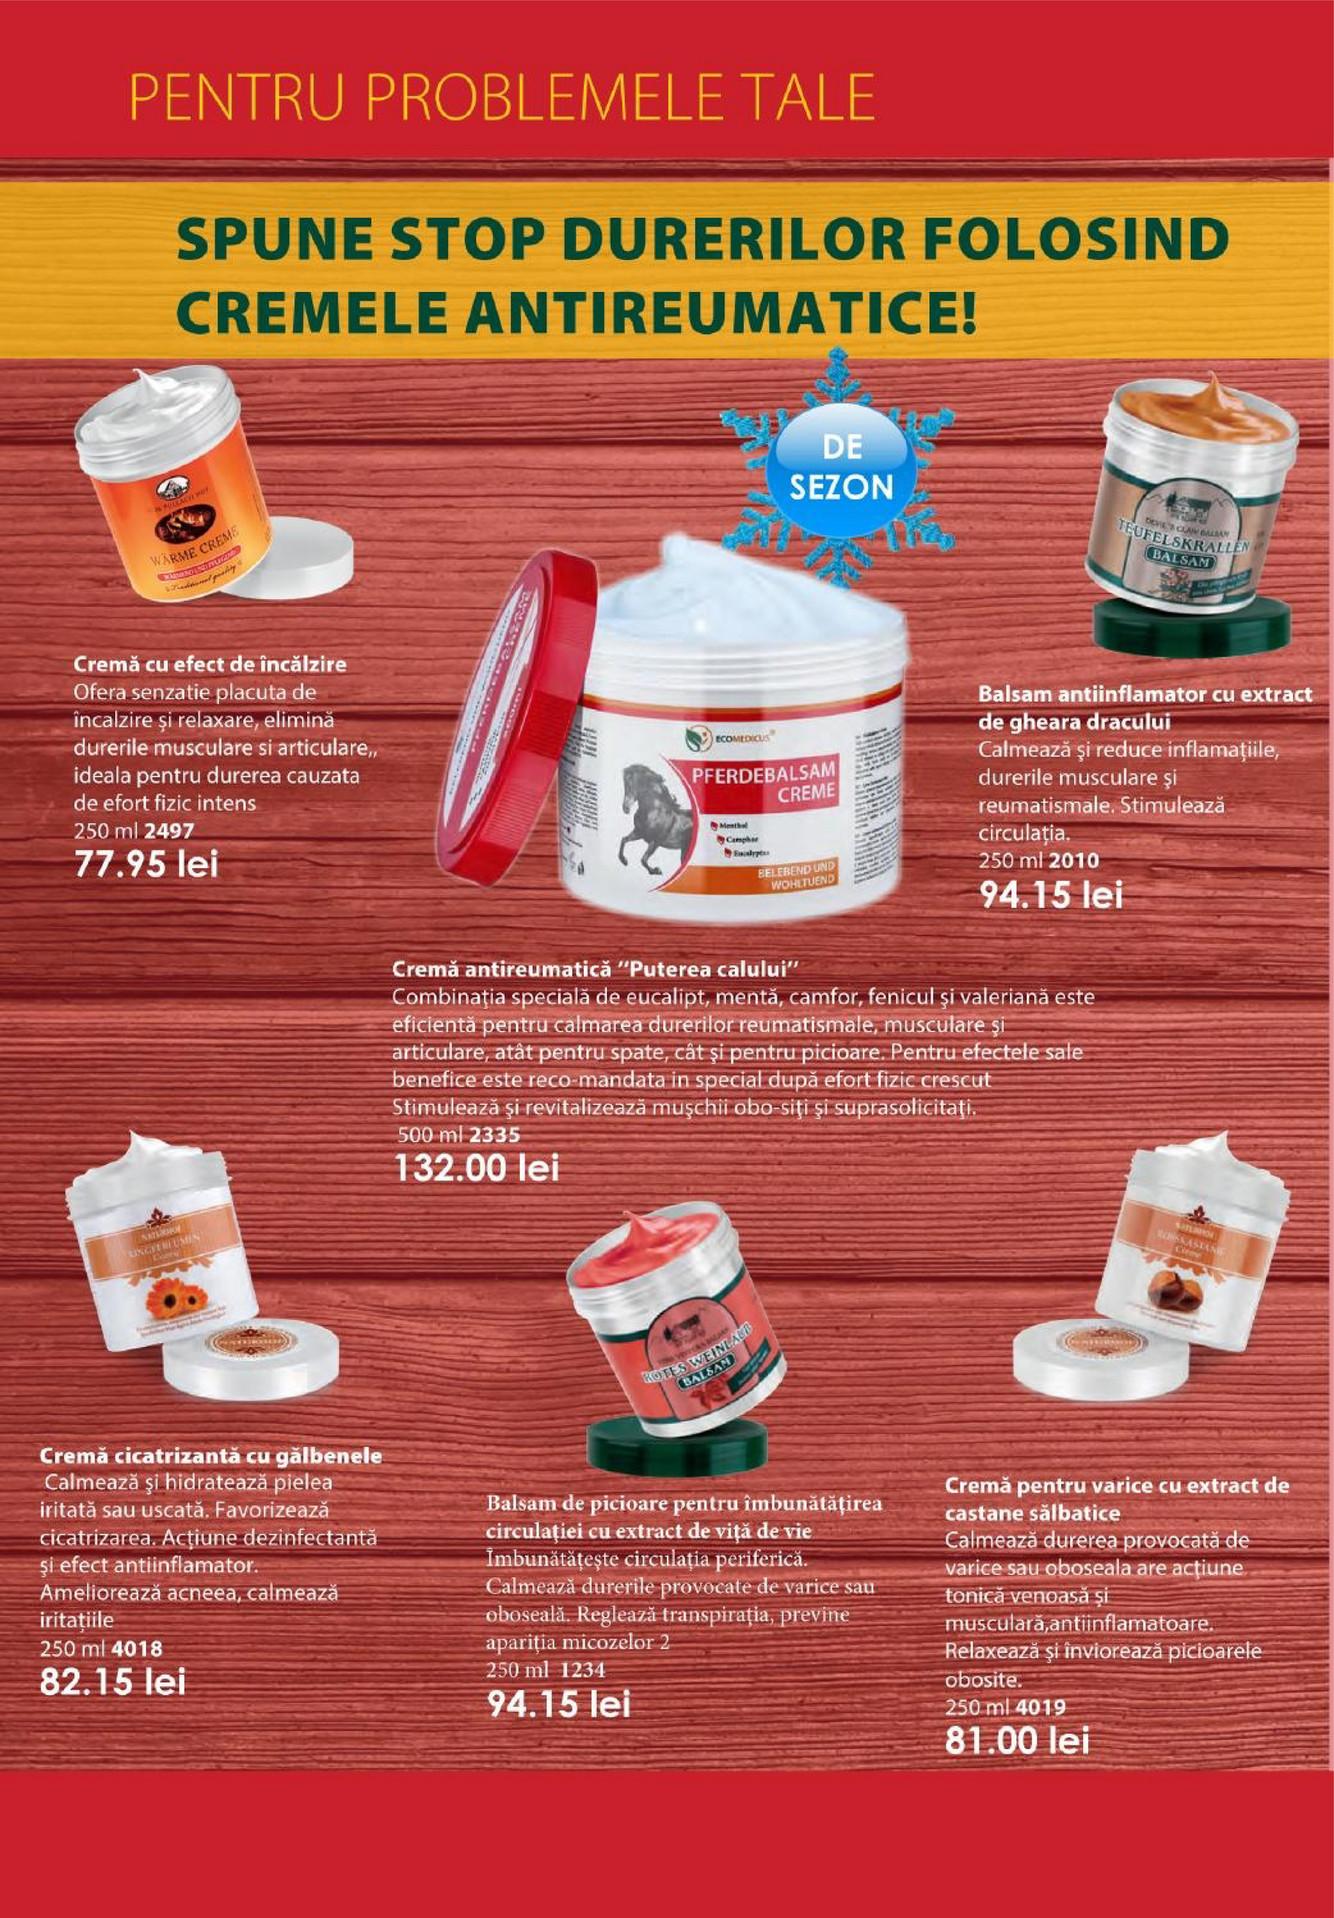 Produse care ameliorează inflamațiile articulare